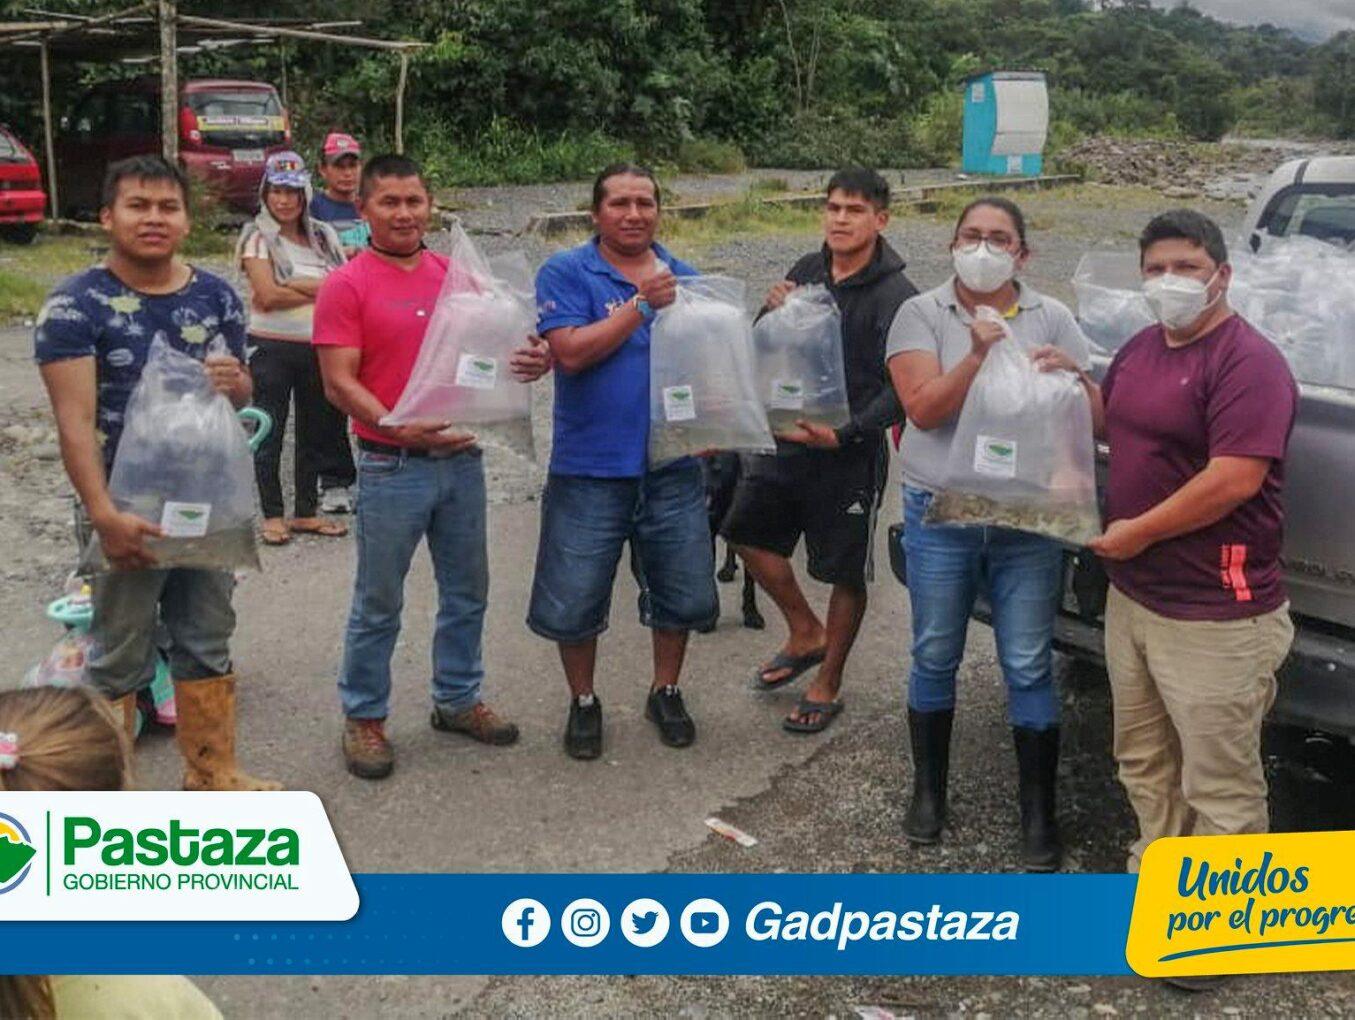 ¡La Prefectura de Pastaza entregó alevines en las parroquias Fátima, El Triunfo y Shell!